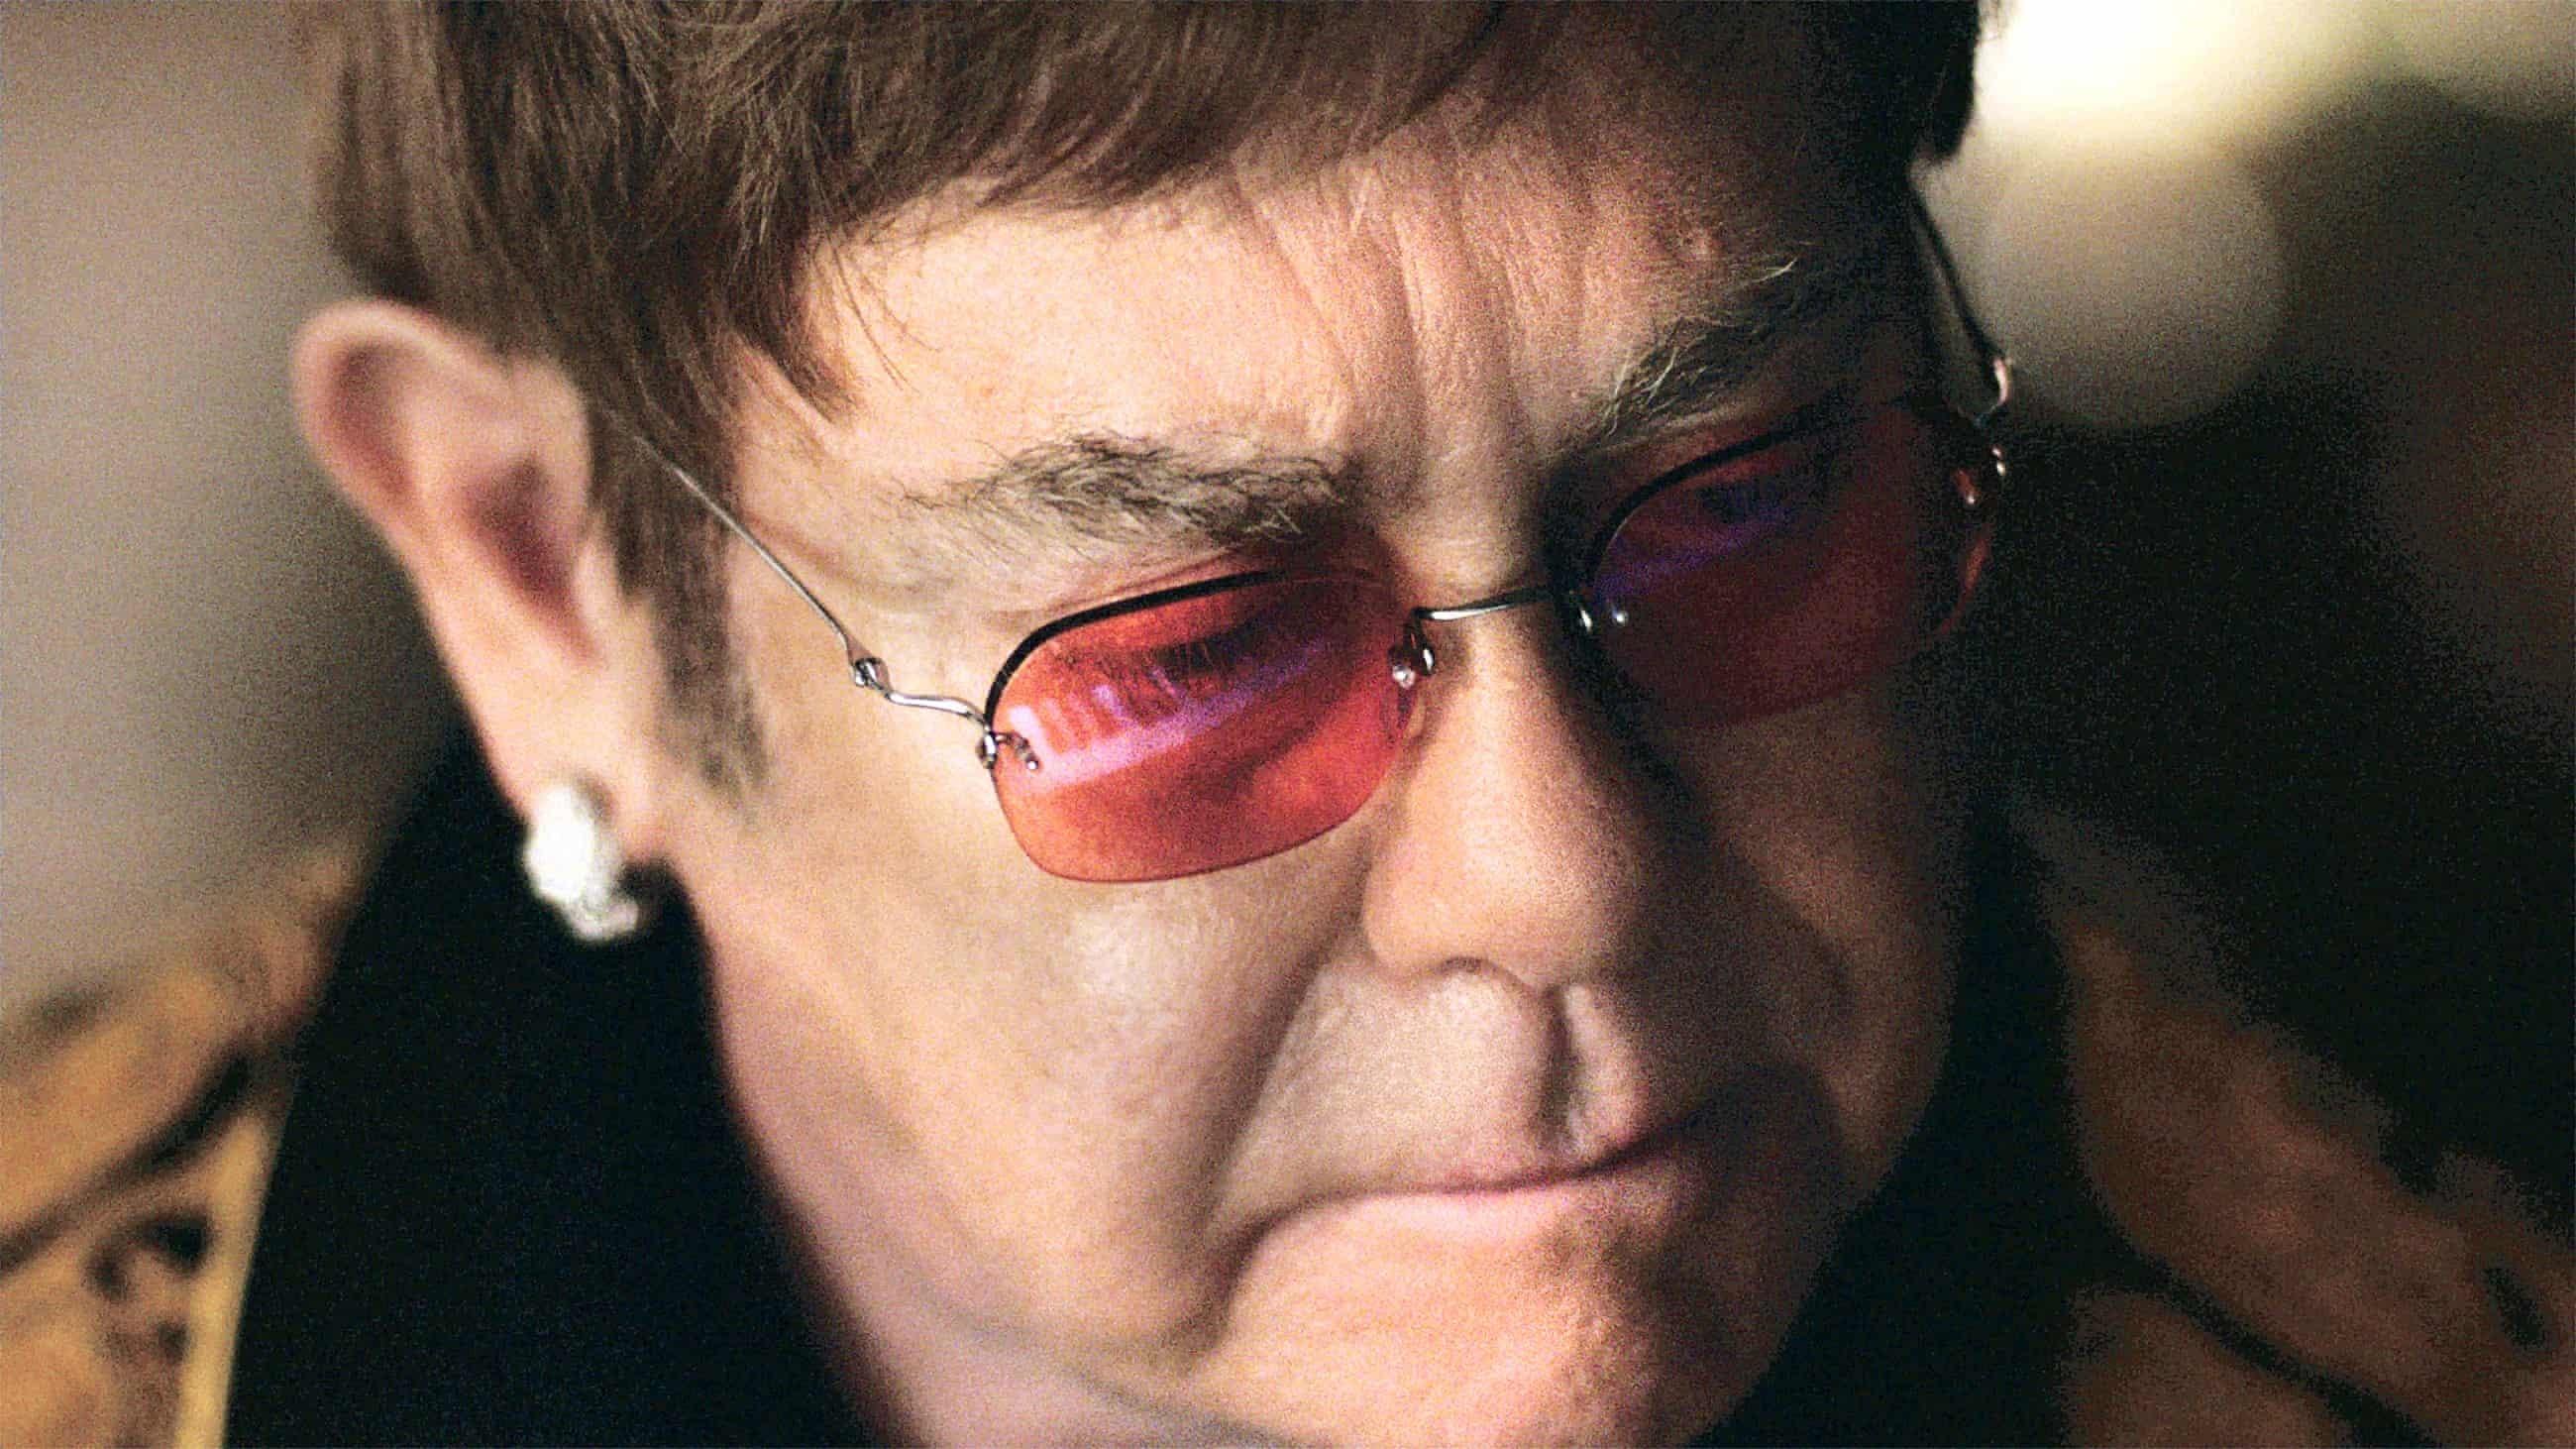 Đời sống tình dục khác thường của Elton John